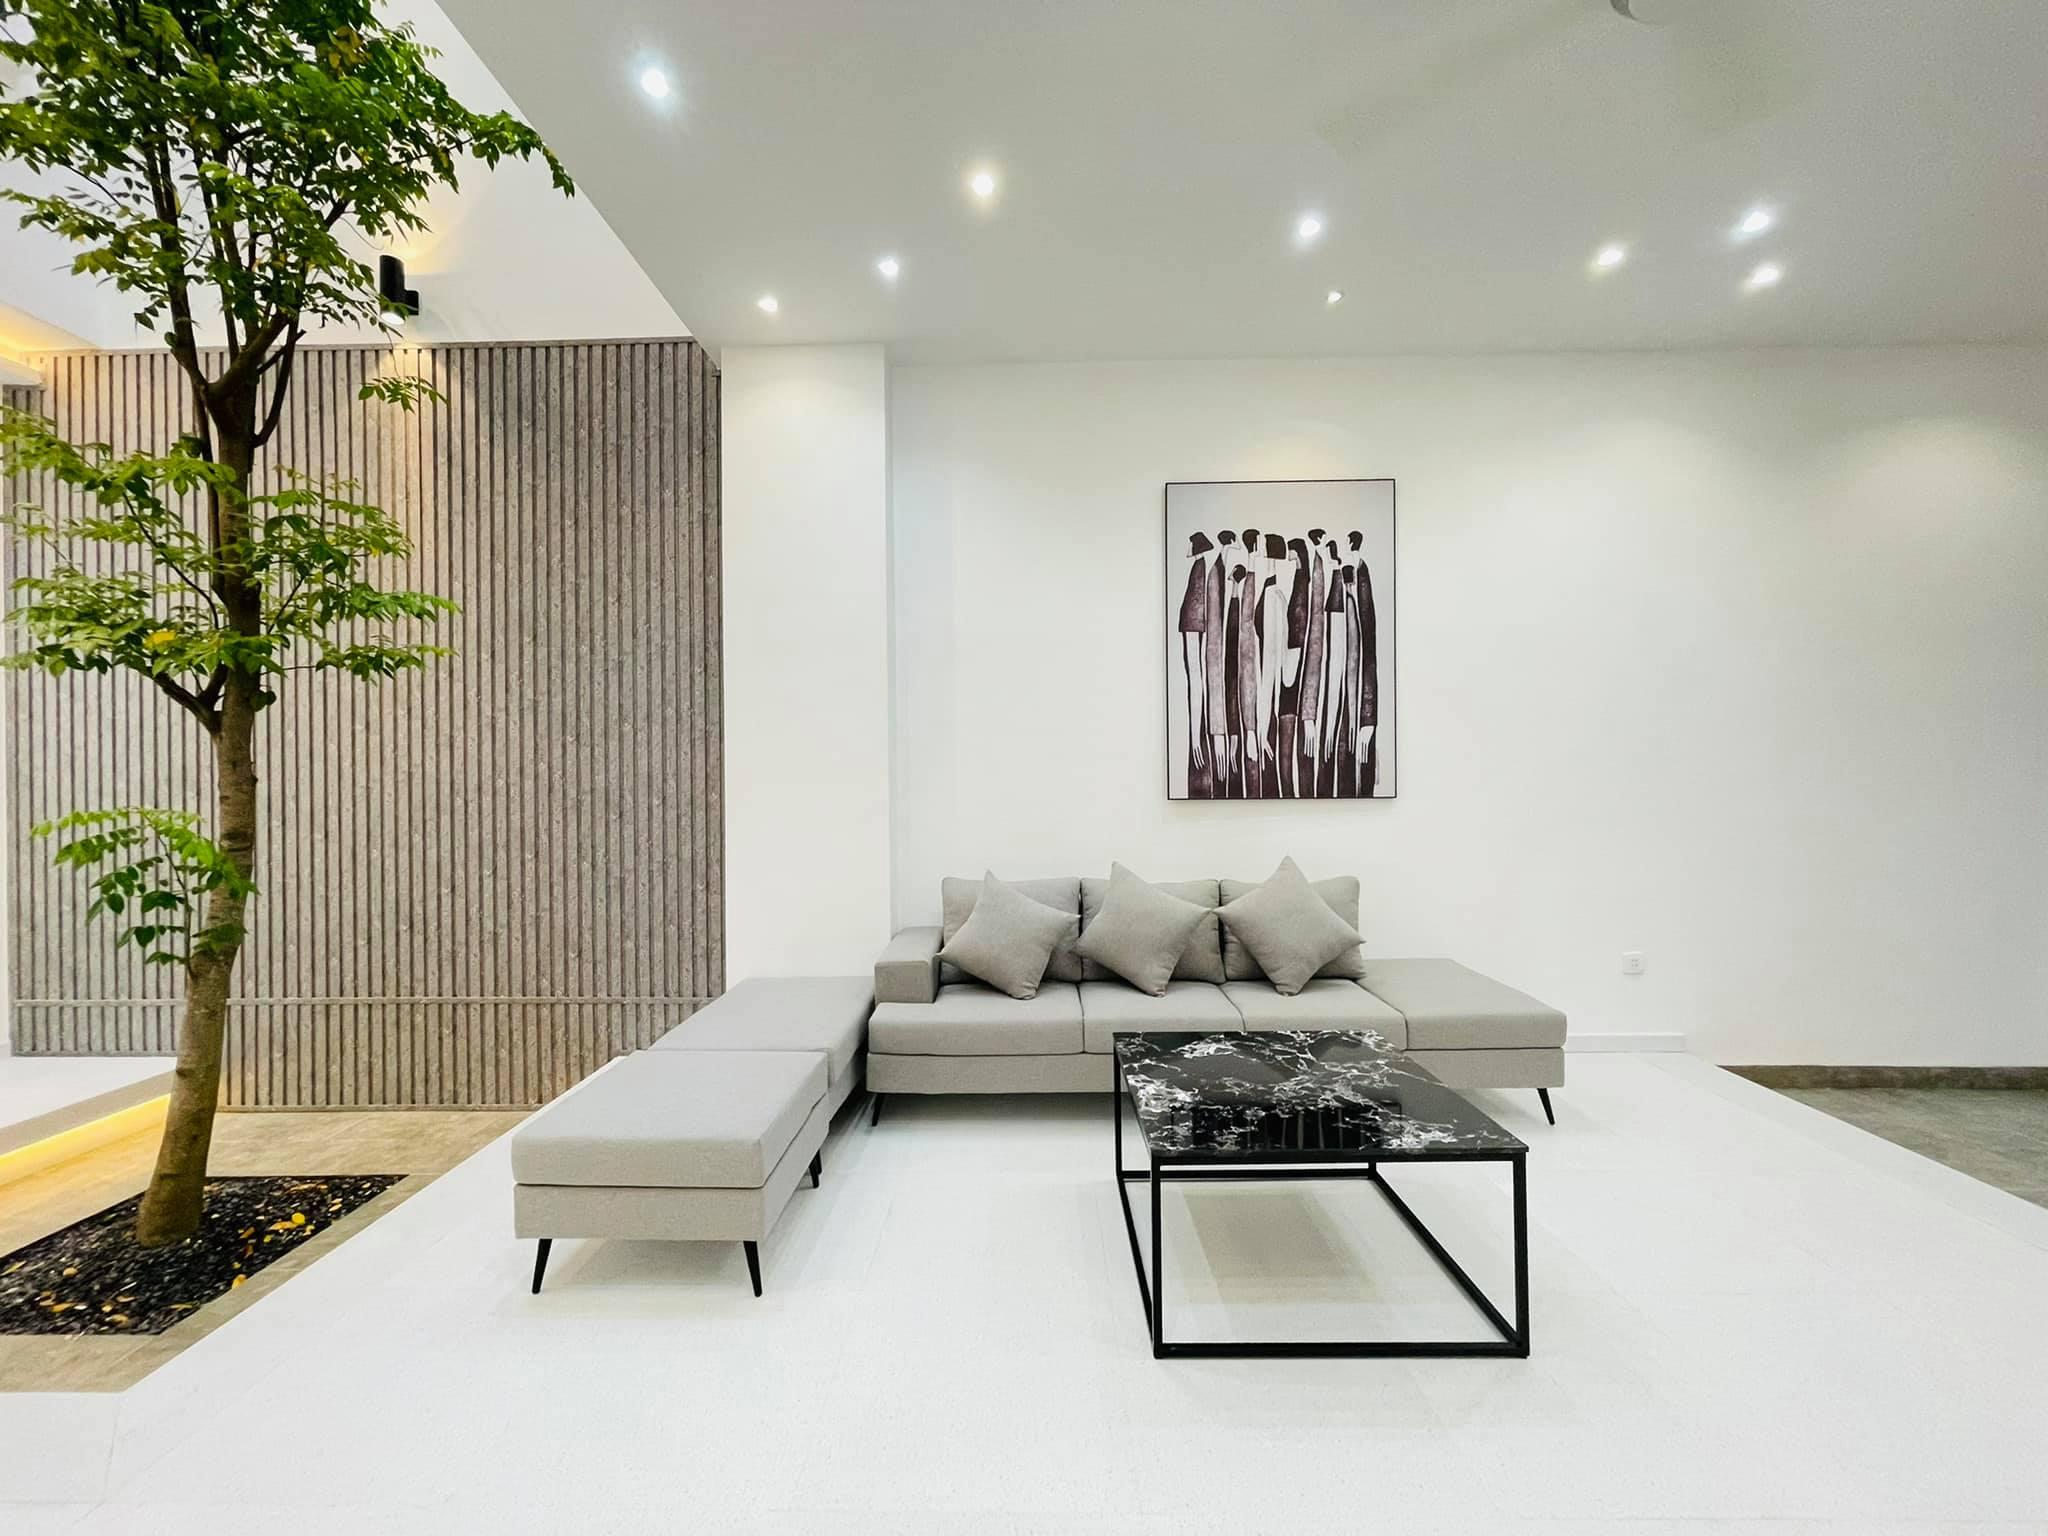 Siêu phẩm 3 tầng cực đẹp do KTS thiết kế,full nội thất Nguyễn Oanh,P.17,GV